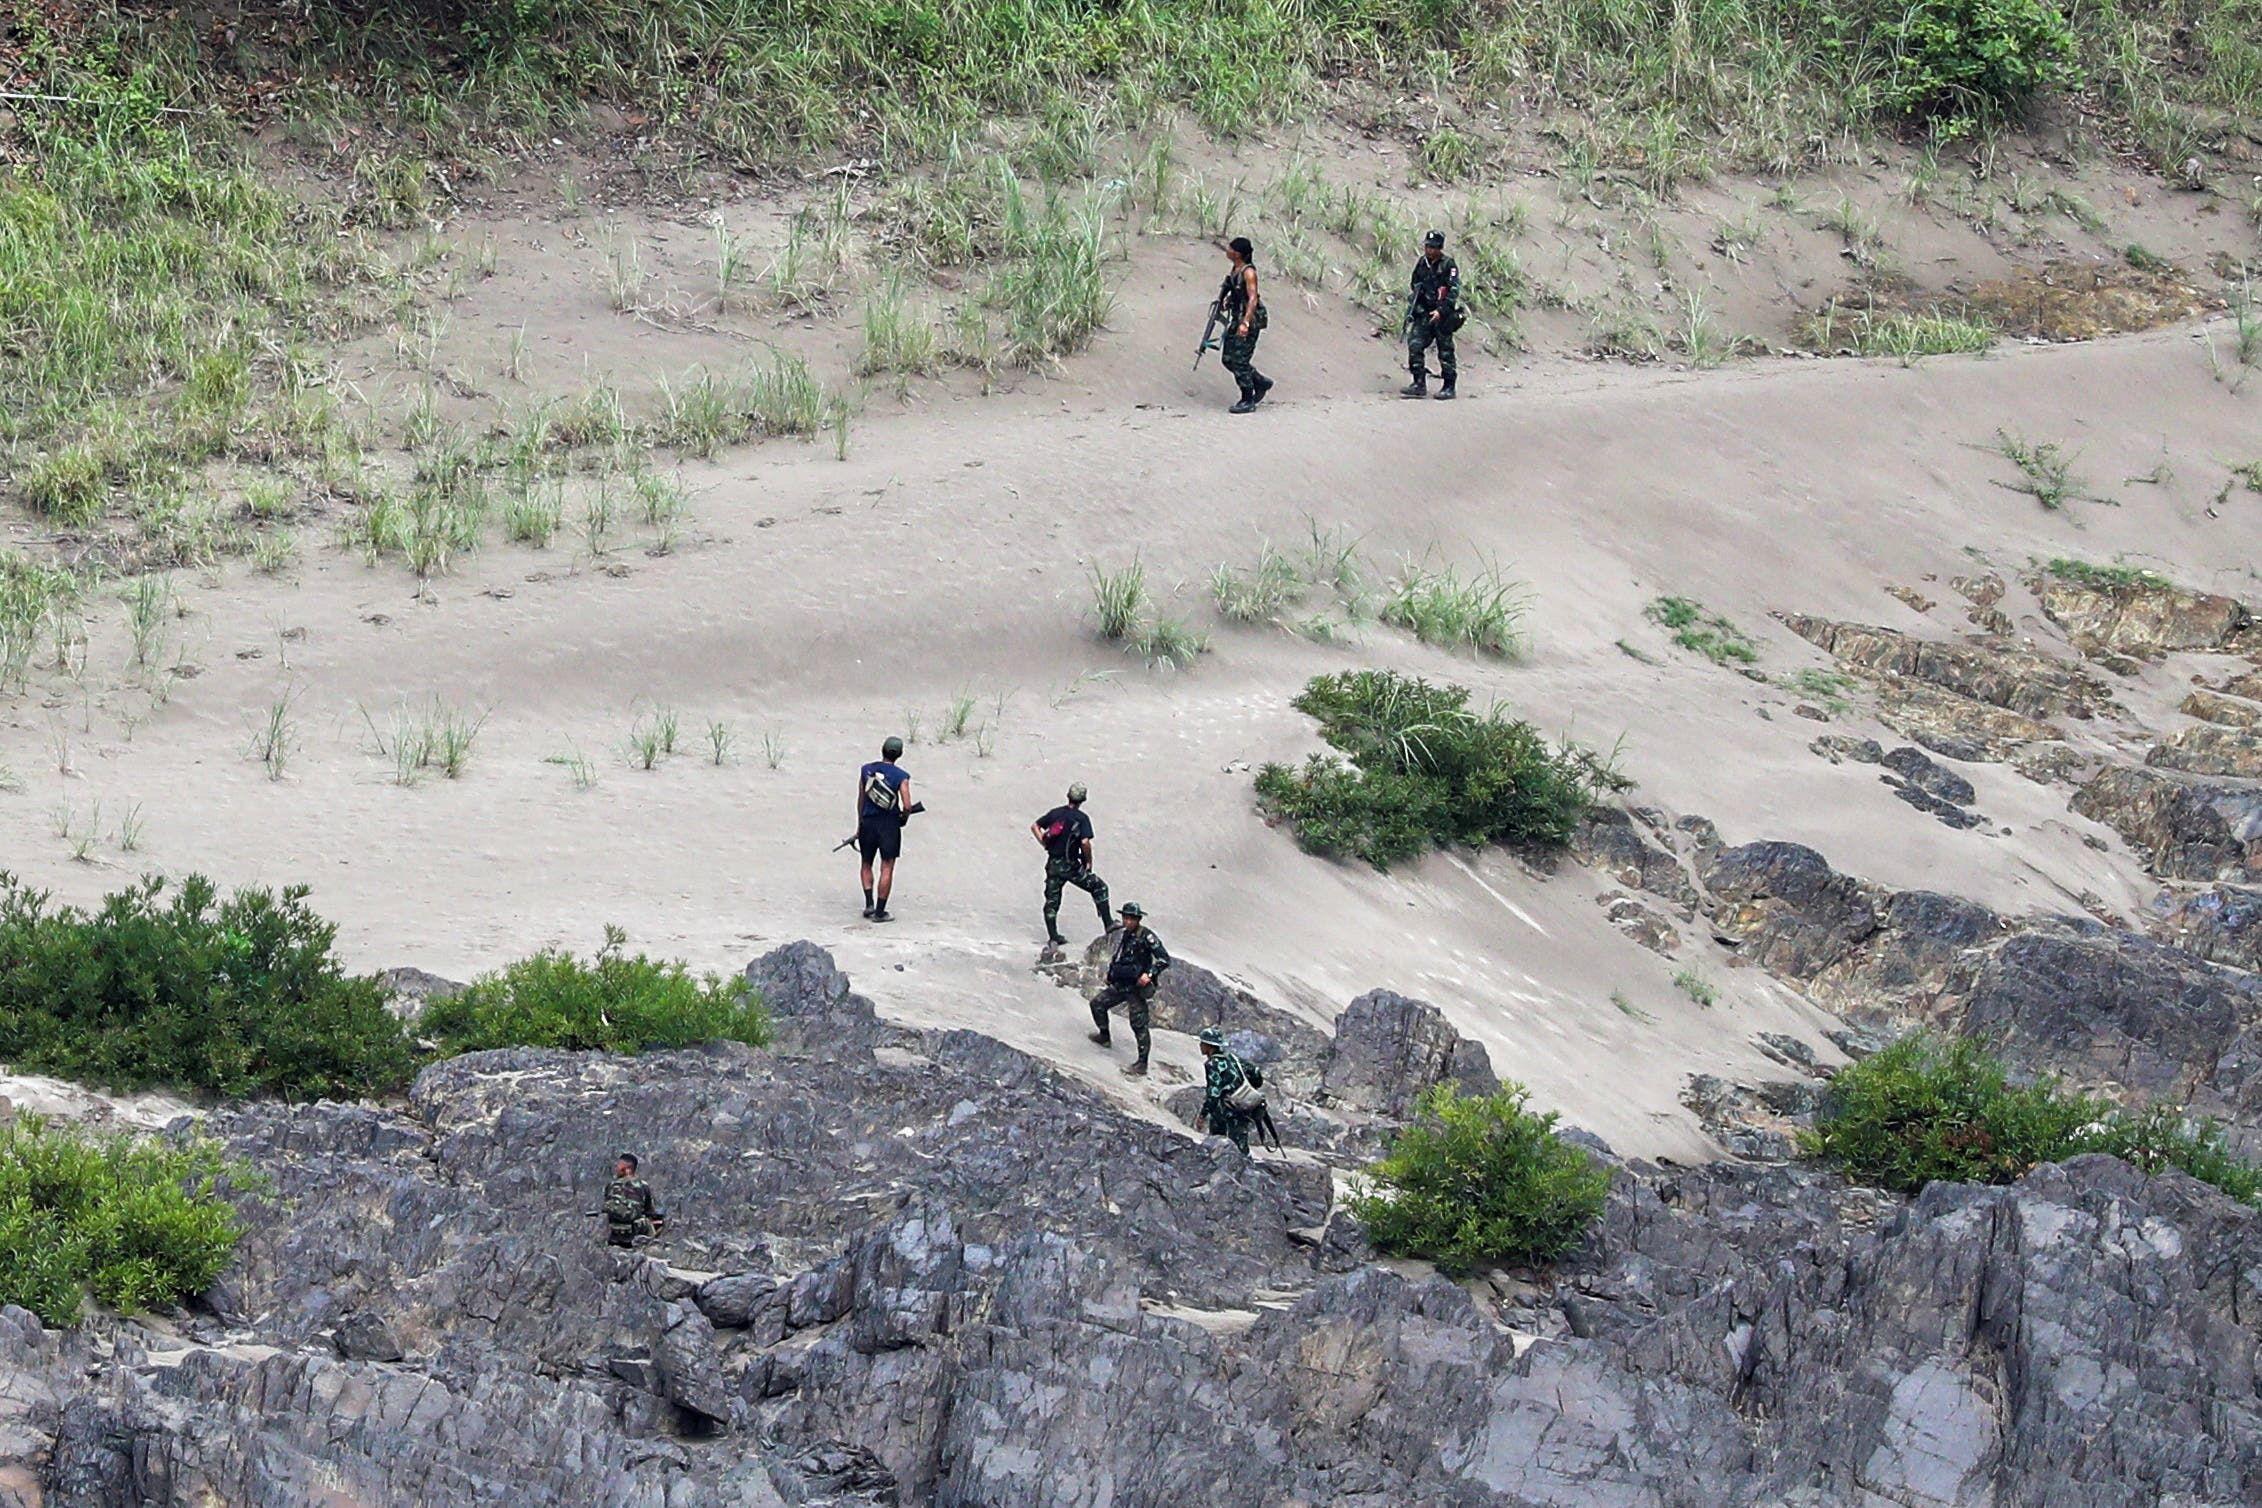 مجموعة عرقية مسلحة من أقلية